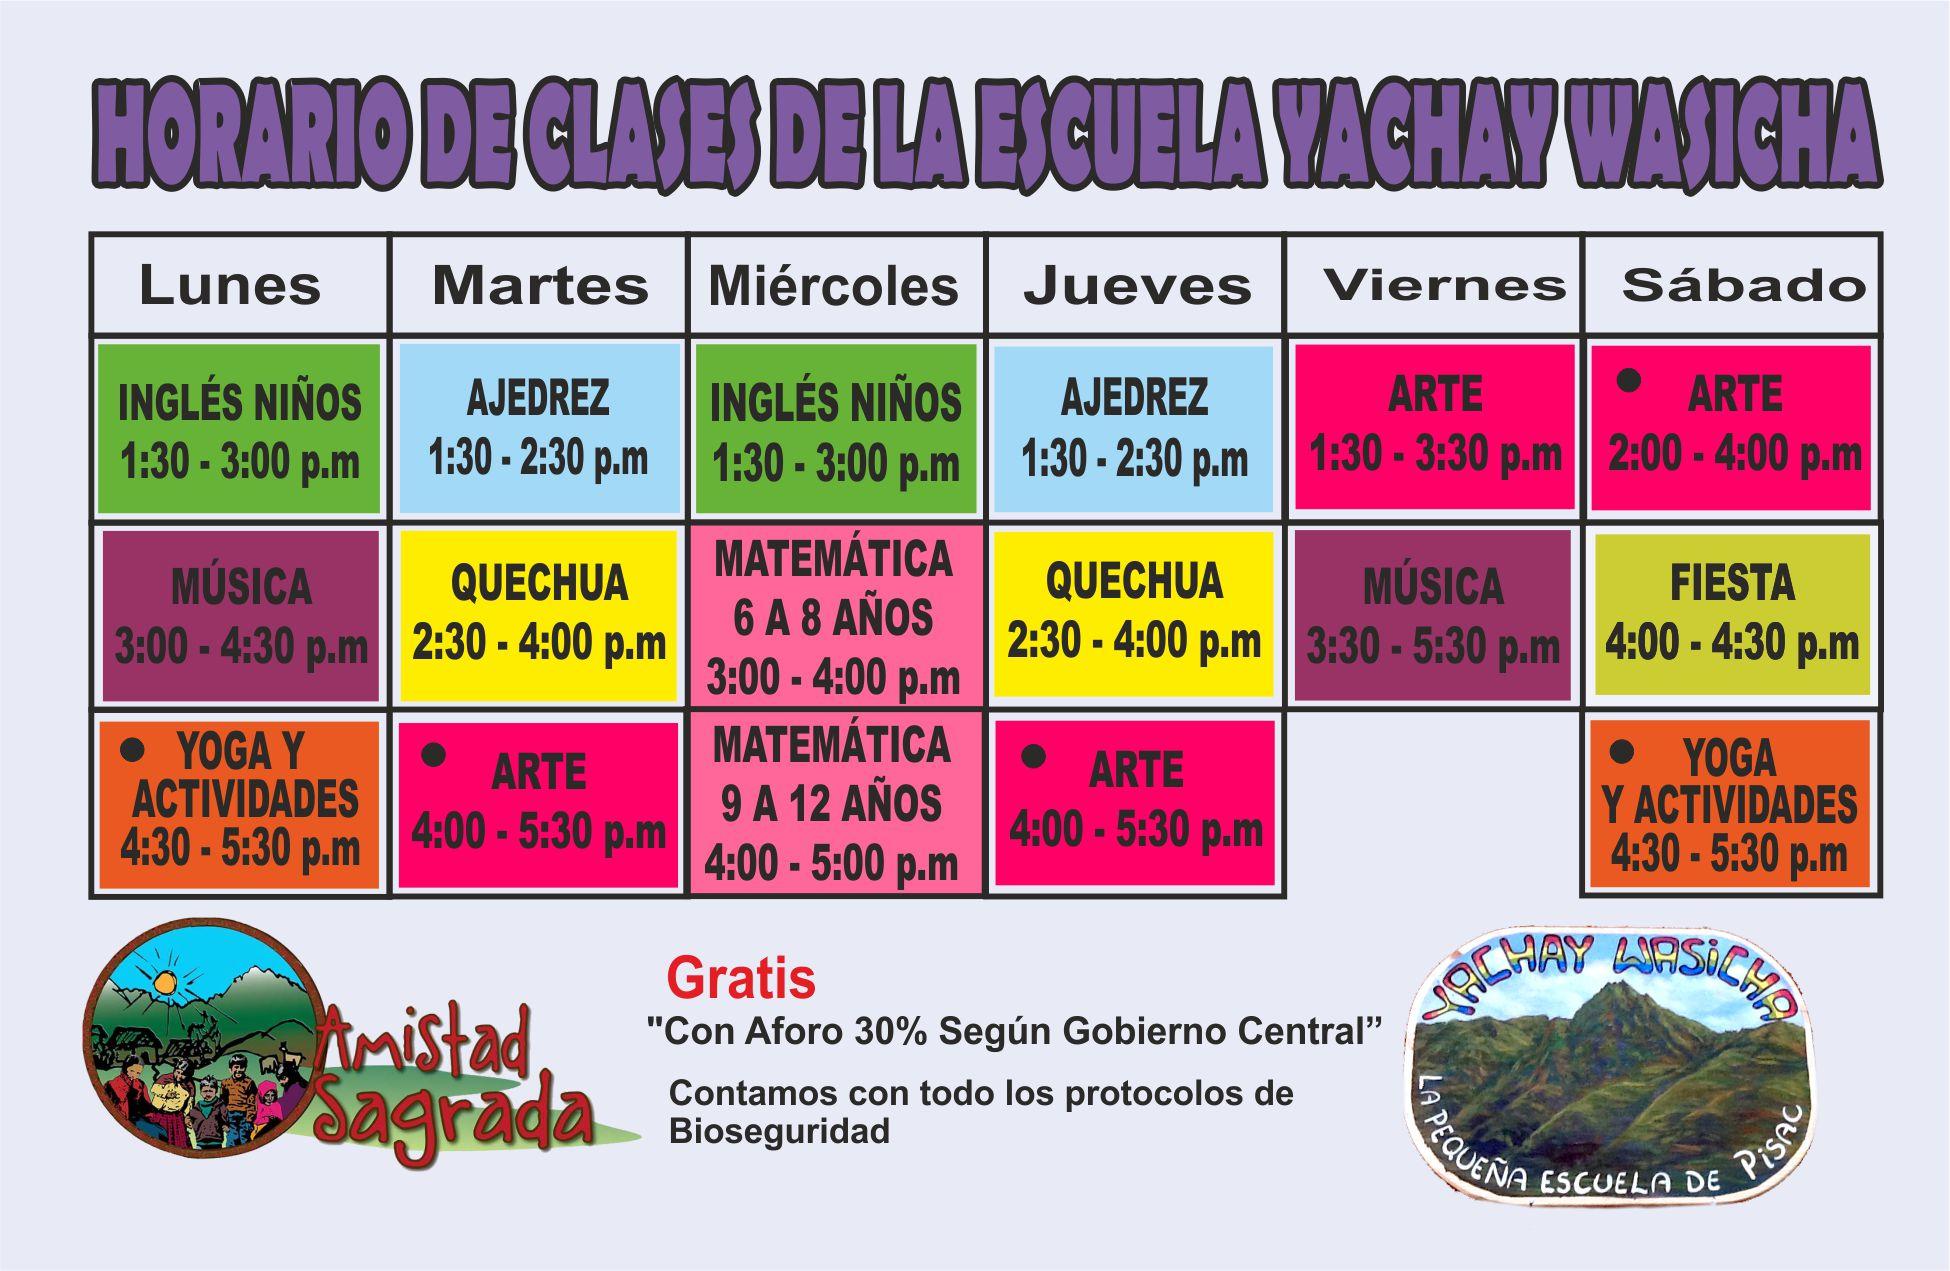 Amistad Sagrada After-School schedule